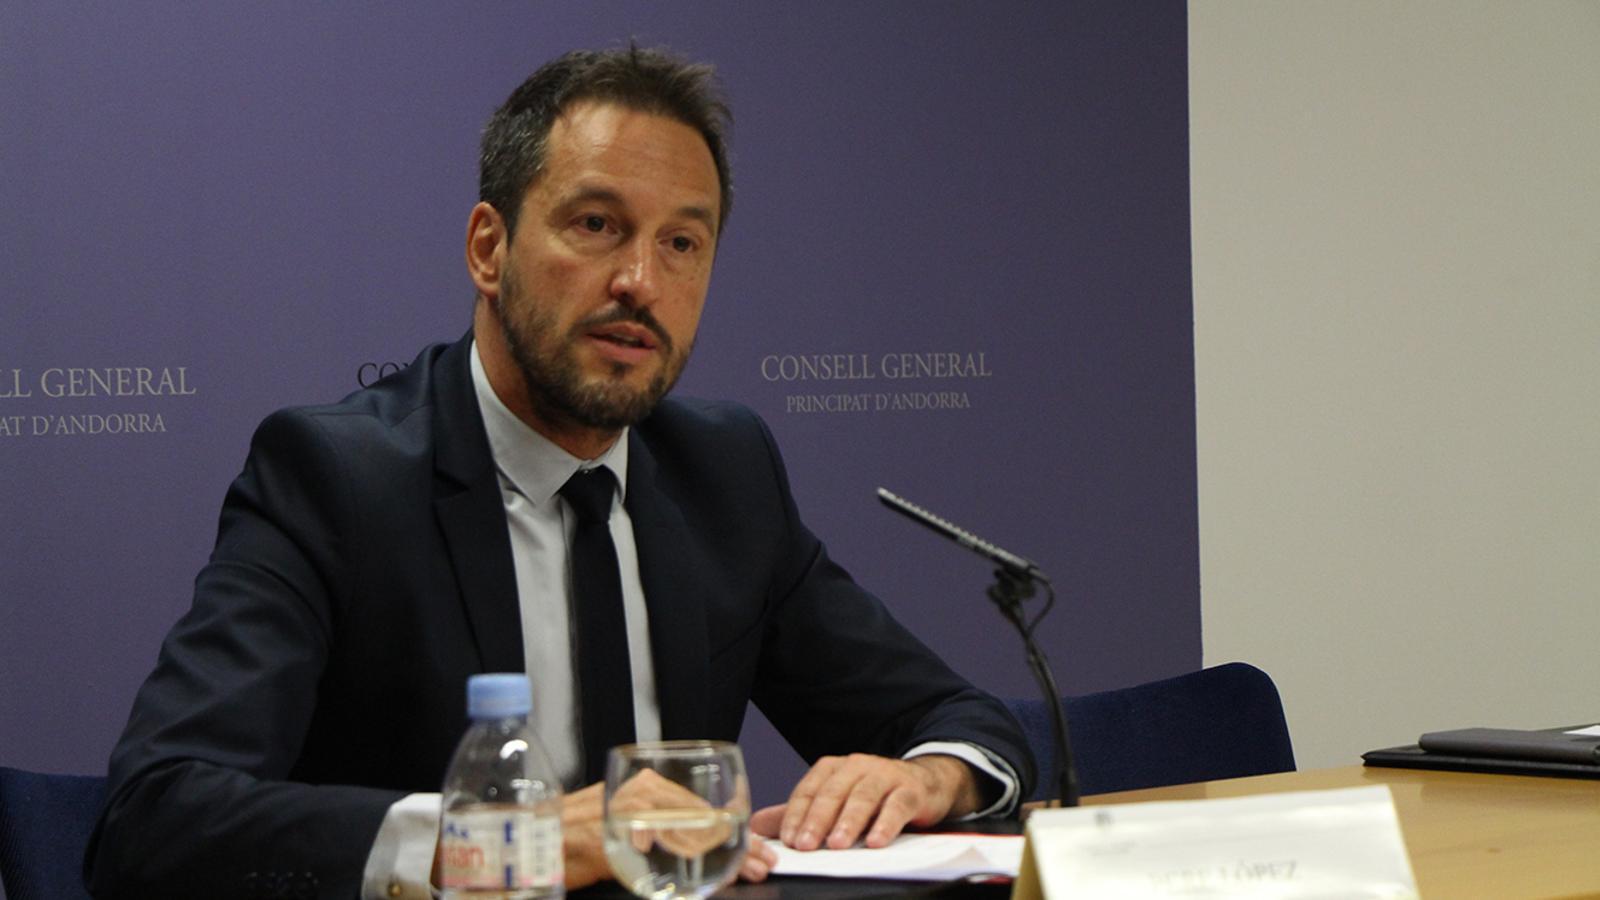 El cap de llista nacional del PS, Pére López. / M. M. (ANA)